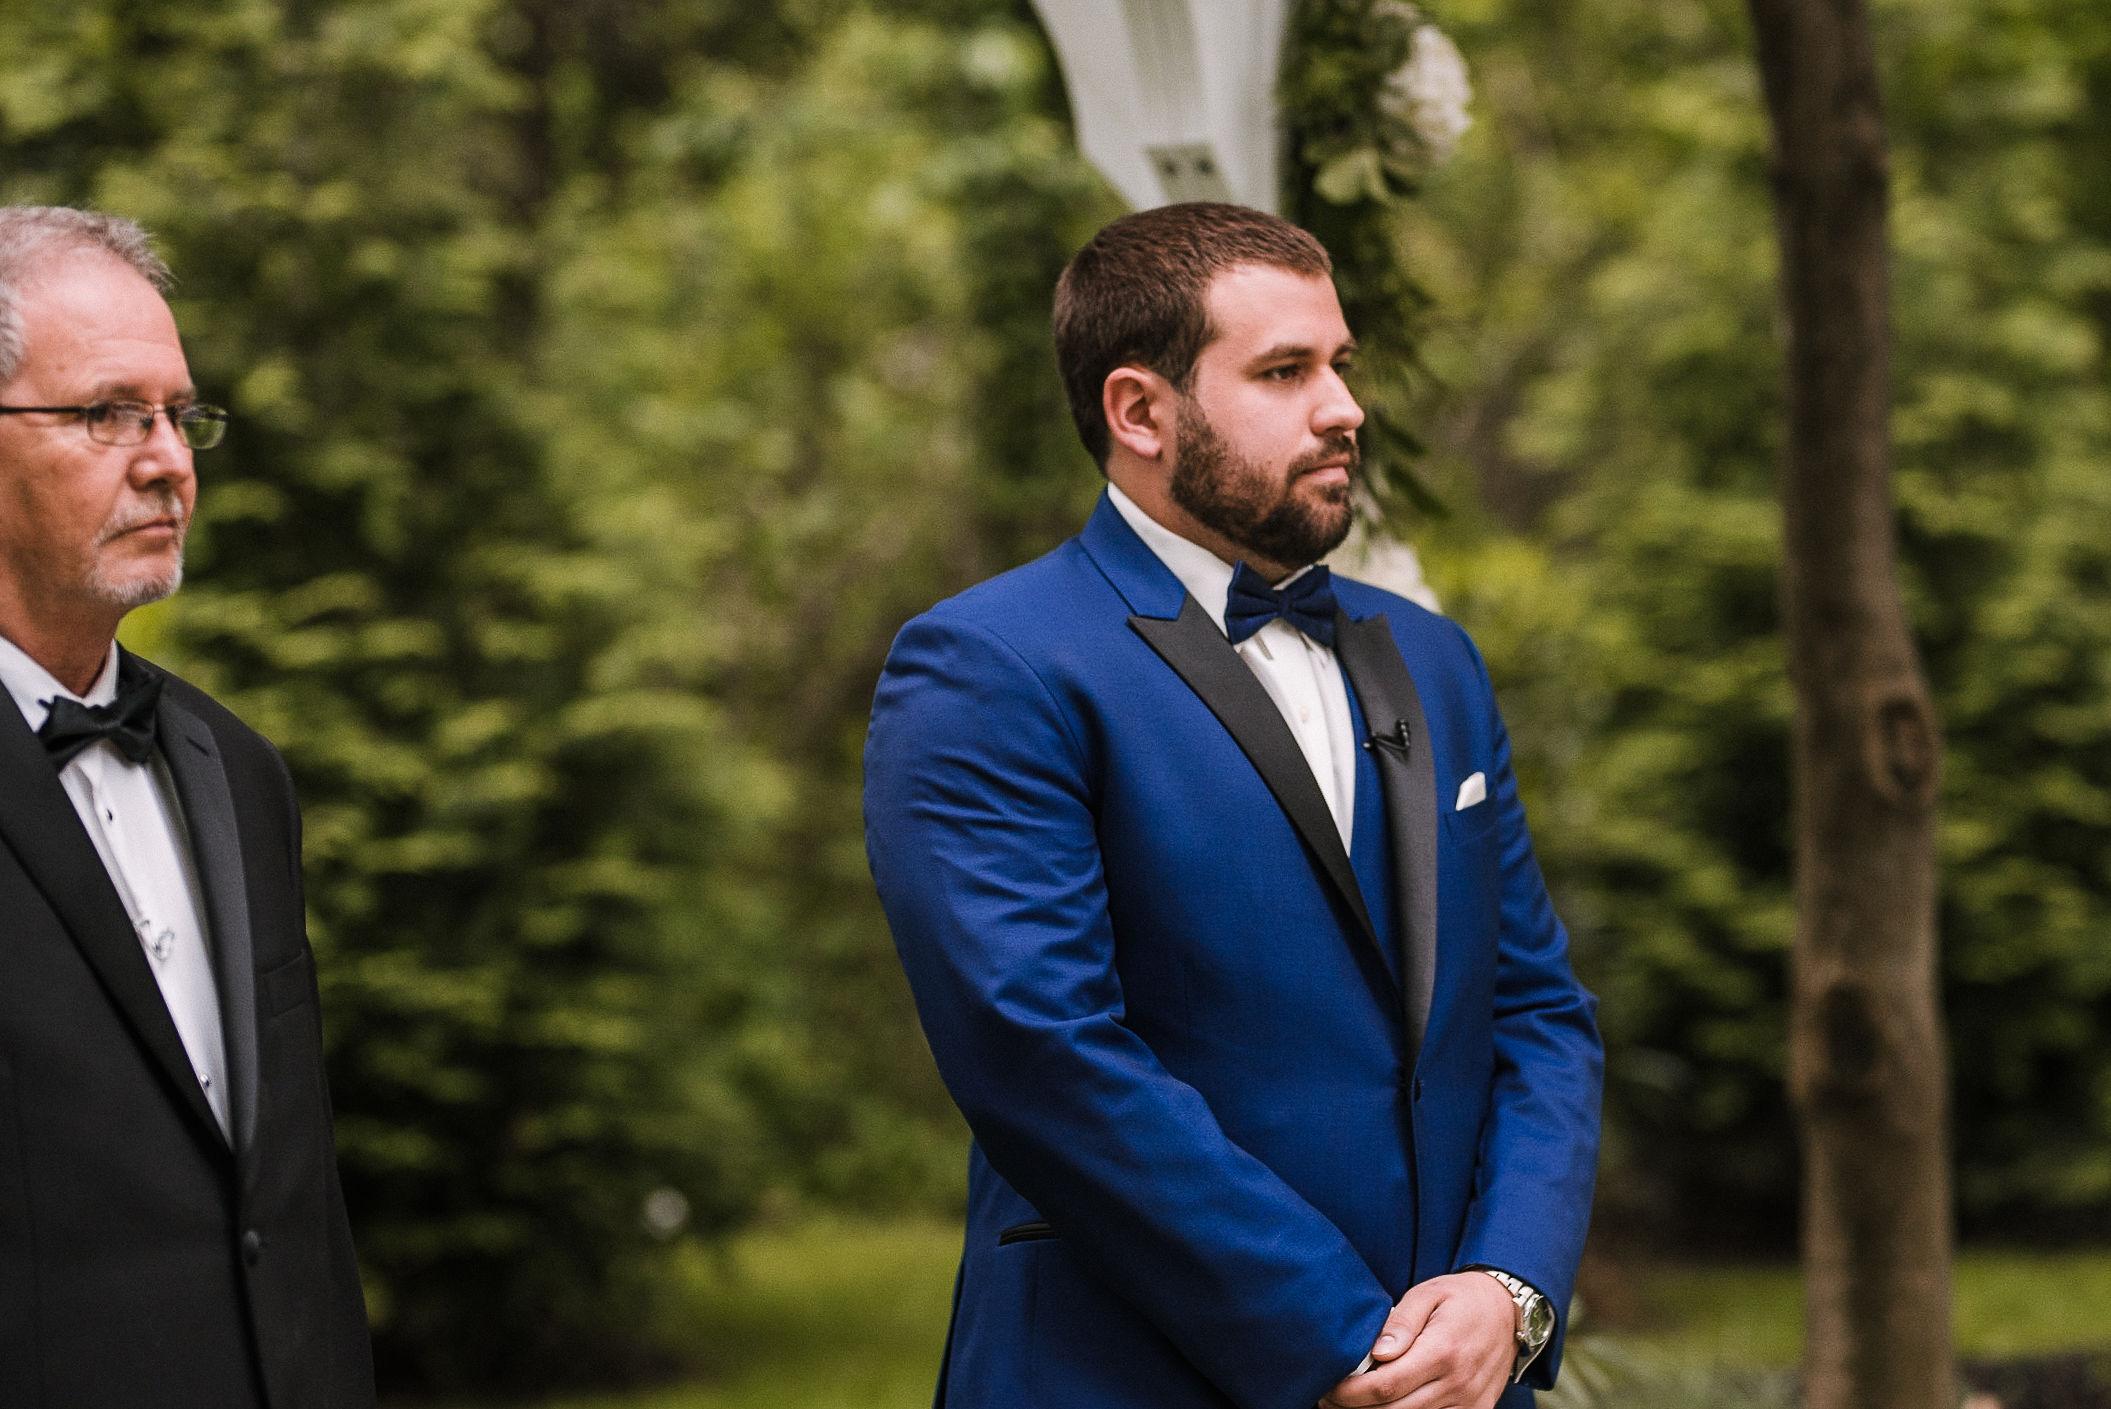 groom waiting for bride at altar at Seasons at Magnolia Manor